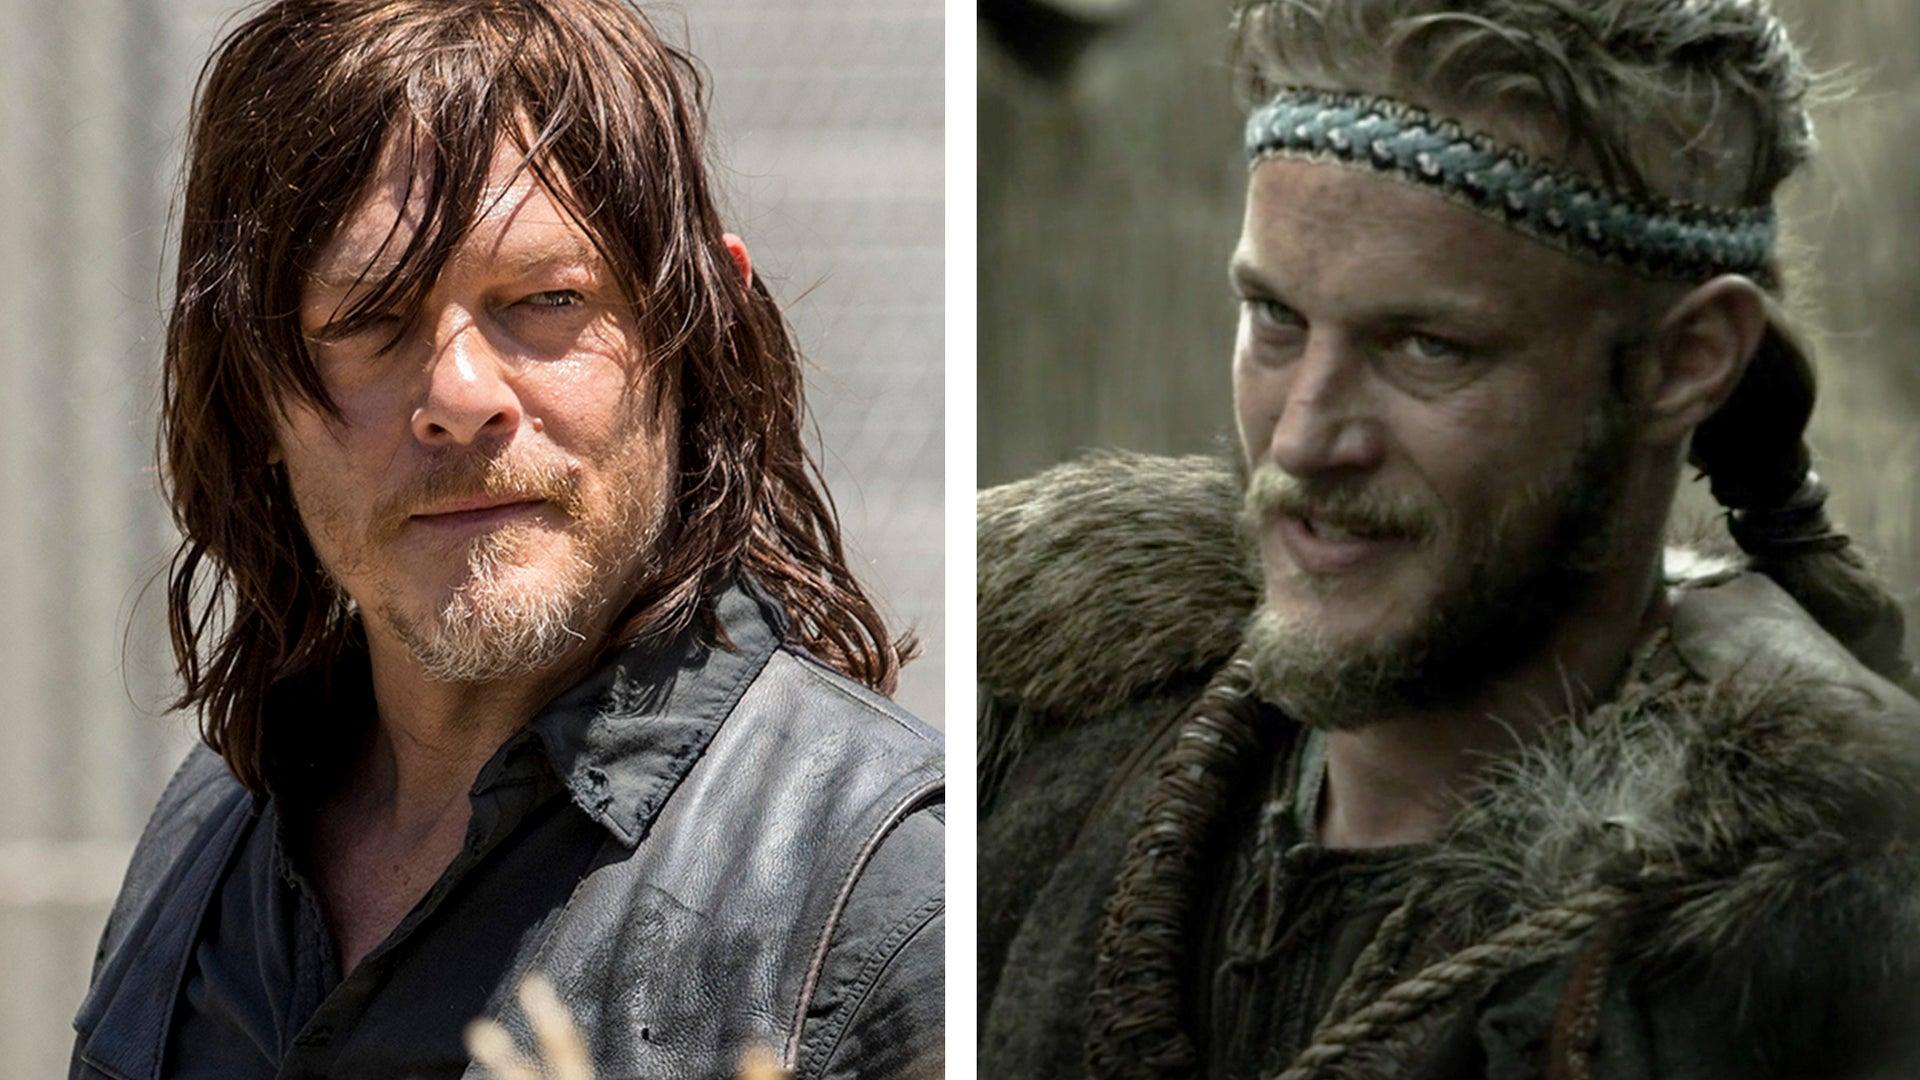 Norman Reedus, The Walking Dead, Travis Fimmel, Vikings